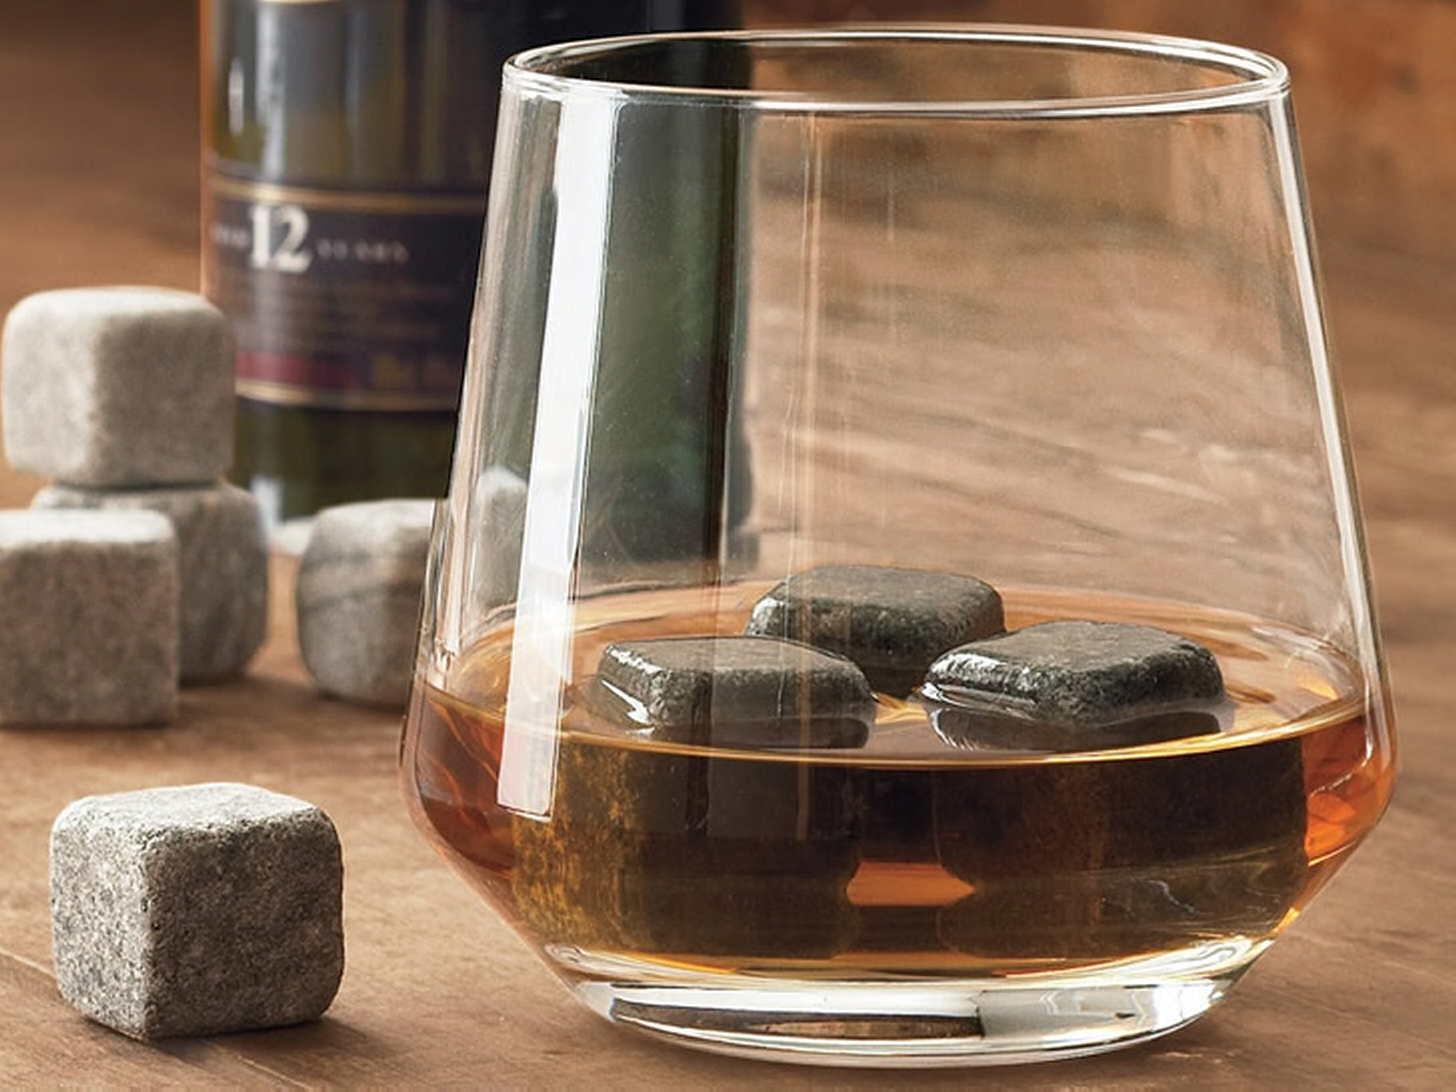 Камни для виски вместо льда: что лучше использовать для охлаждения напитка?